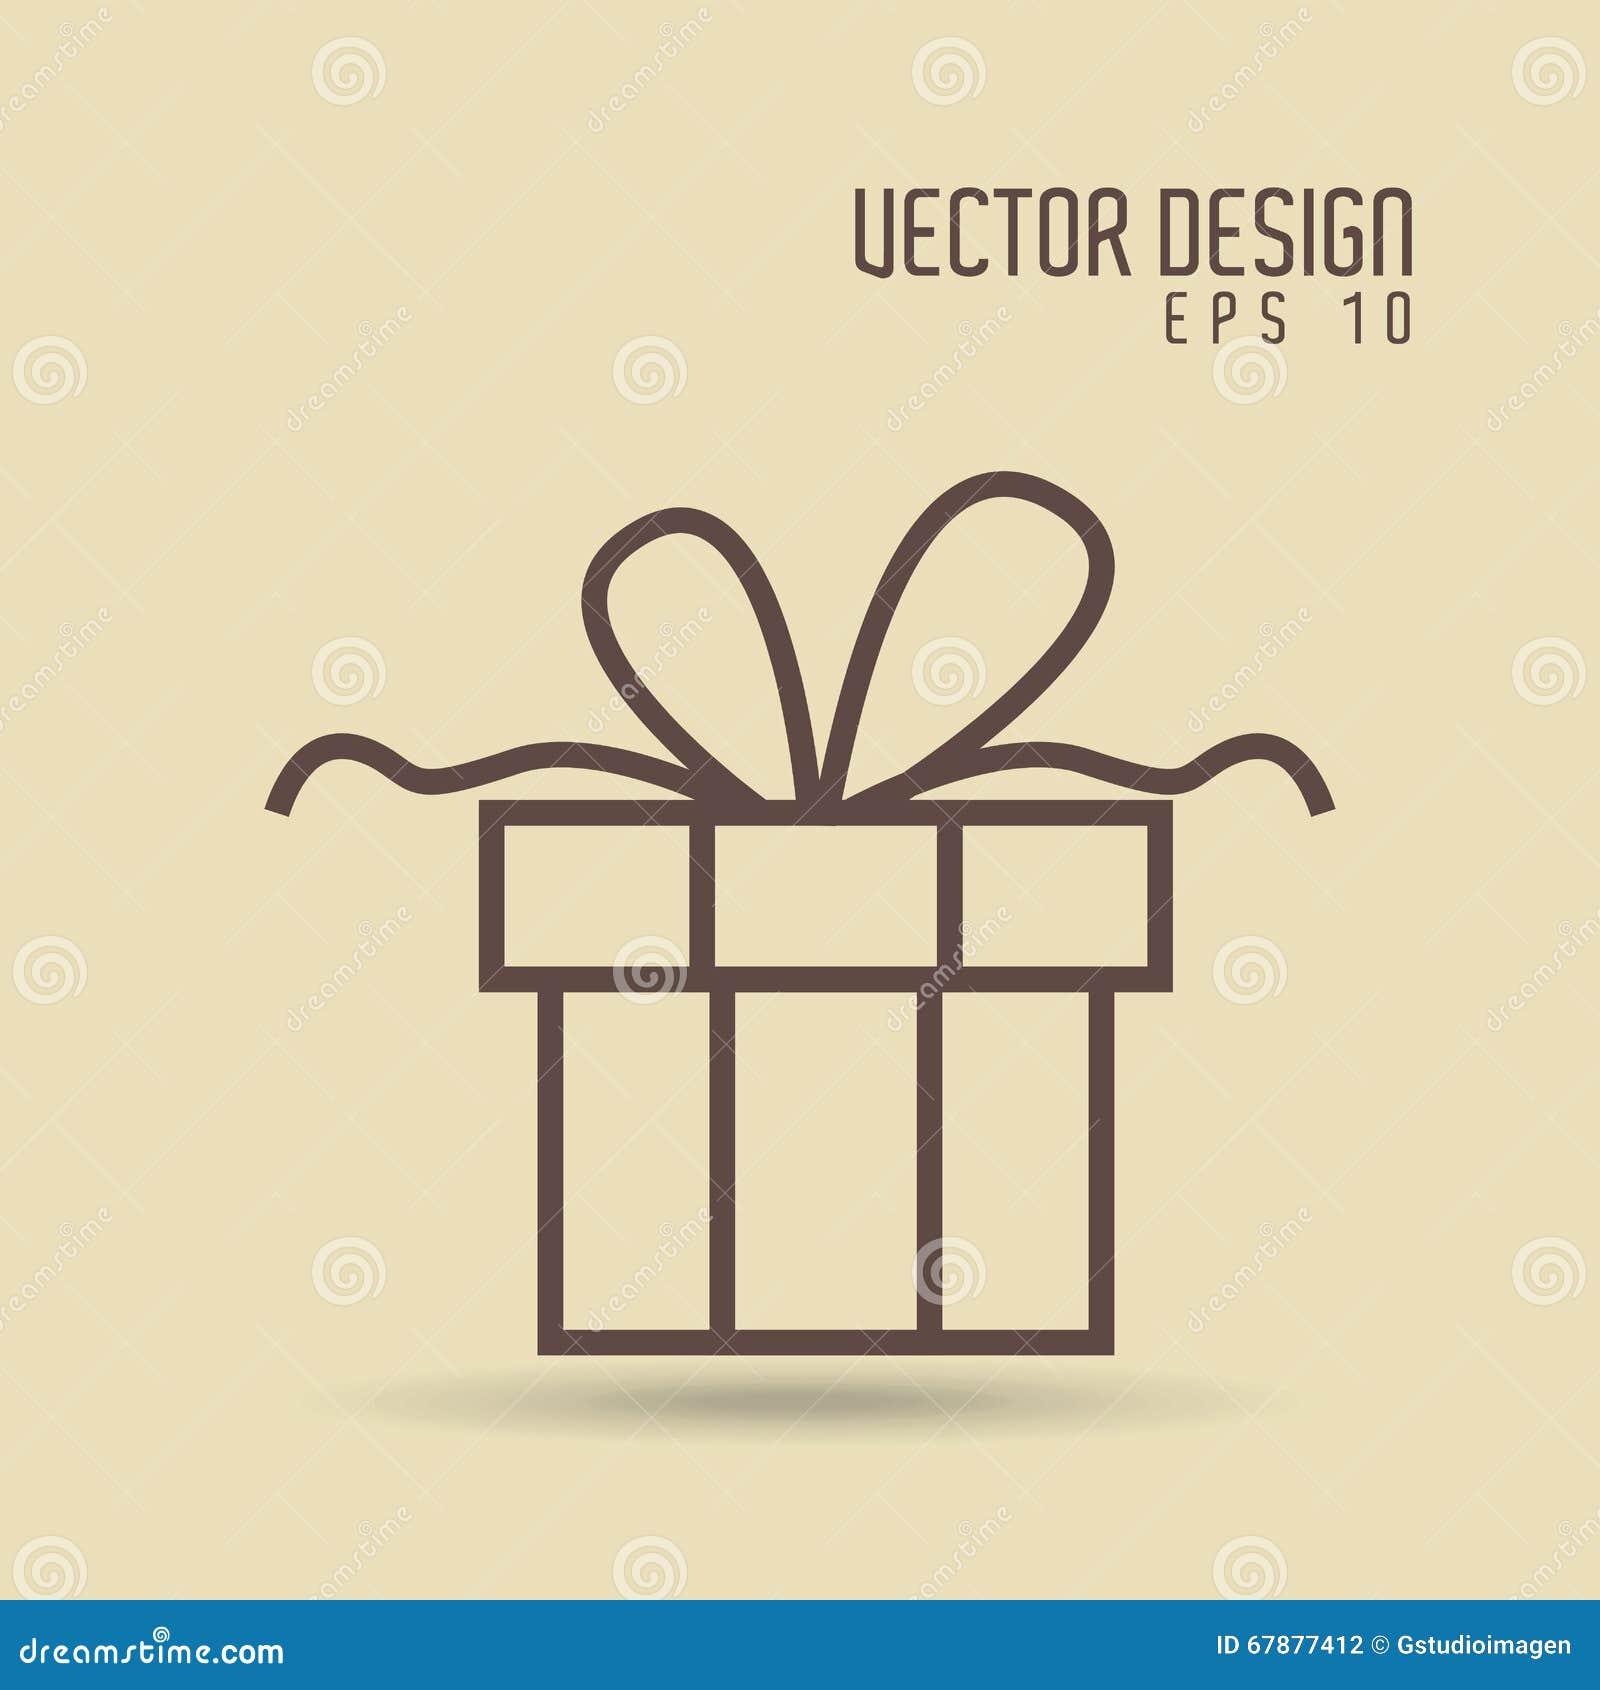 礼物得出的设计